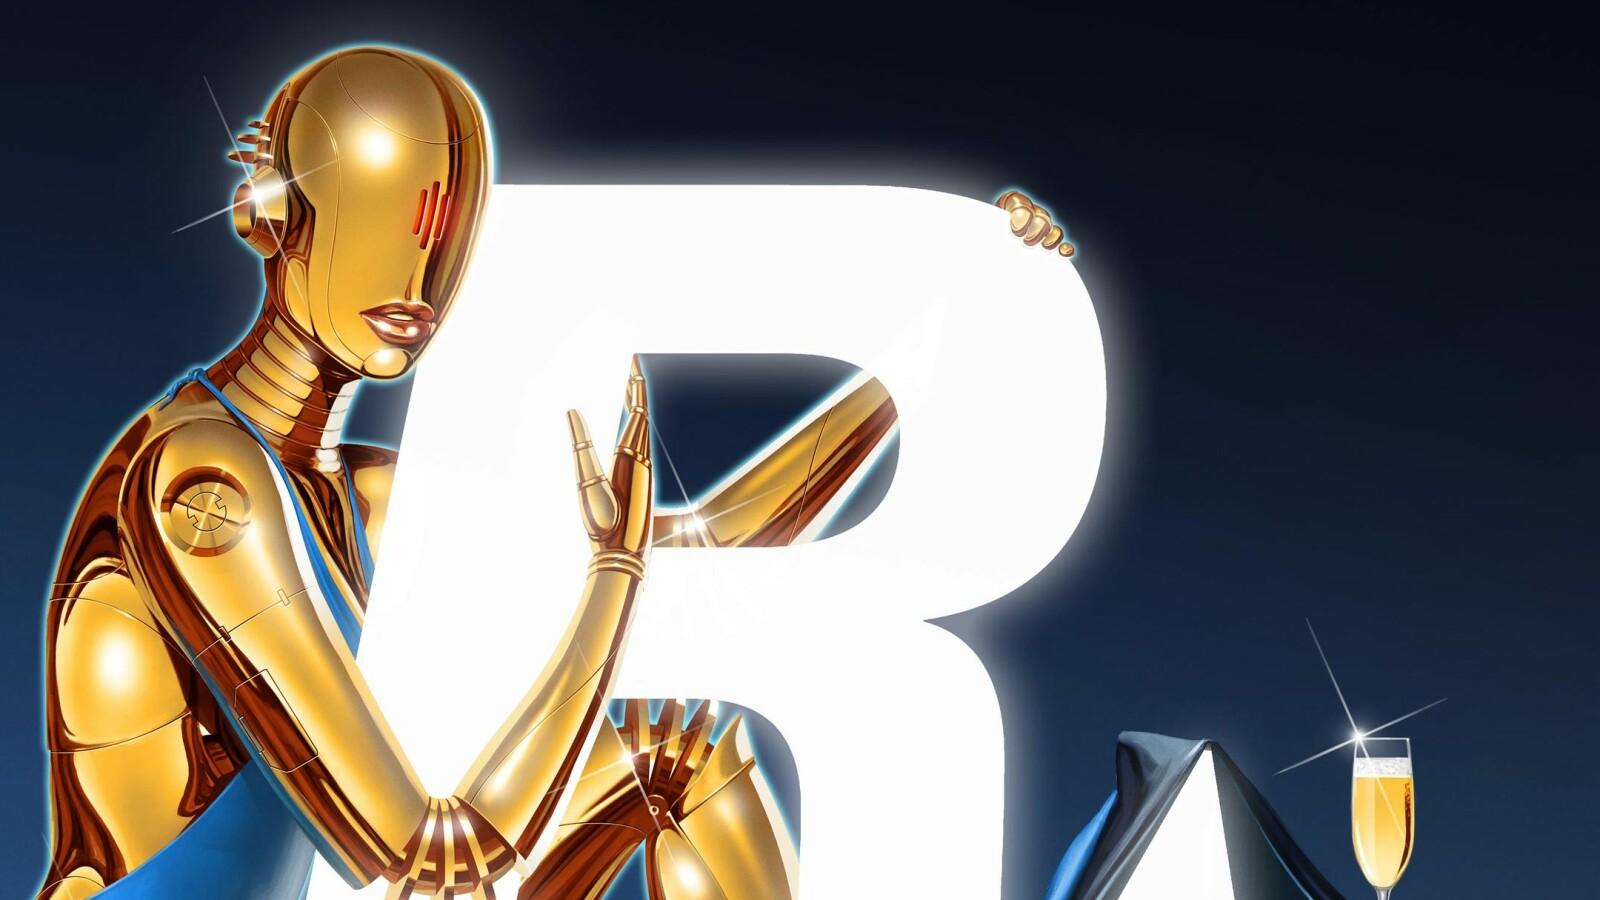 GTA 6: Mysteriöses Artwork und privates Video bei Rockstar aufgetaucht